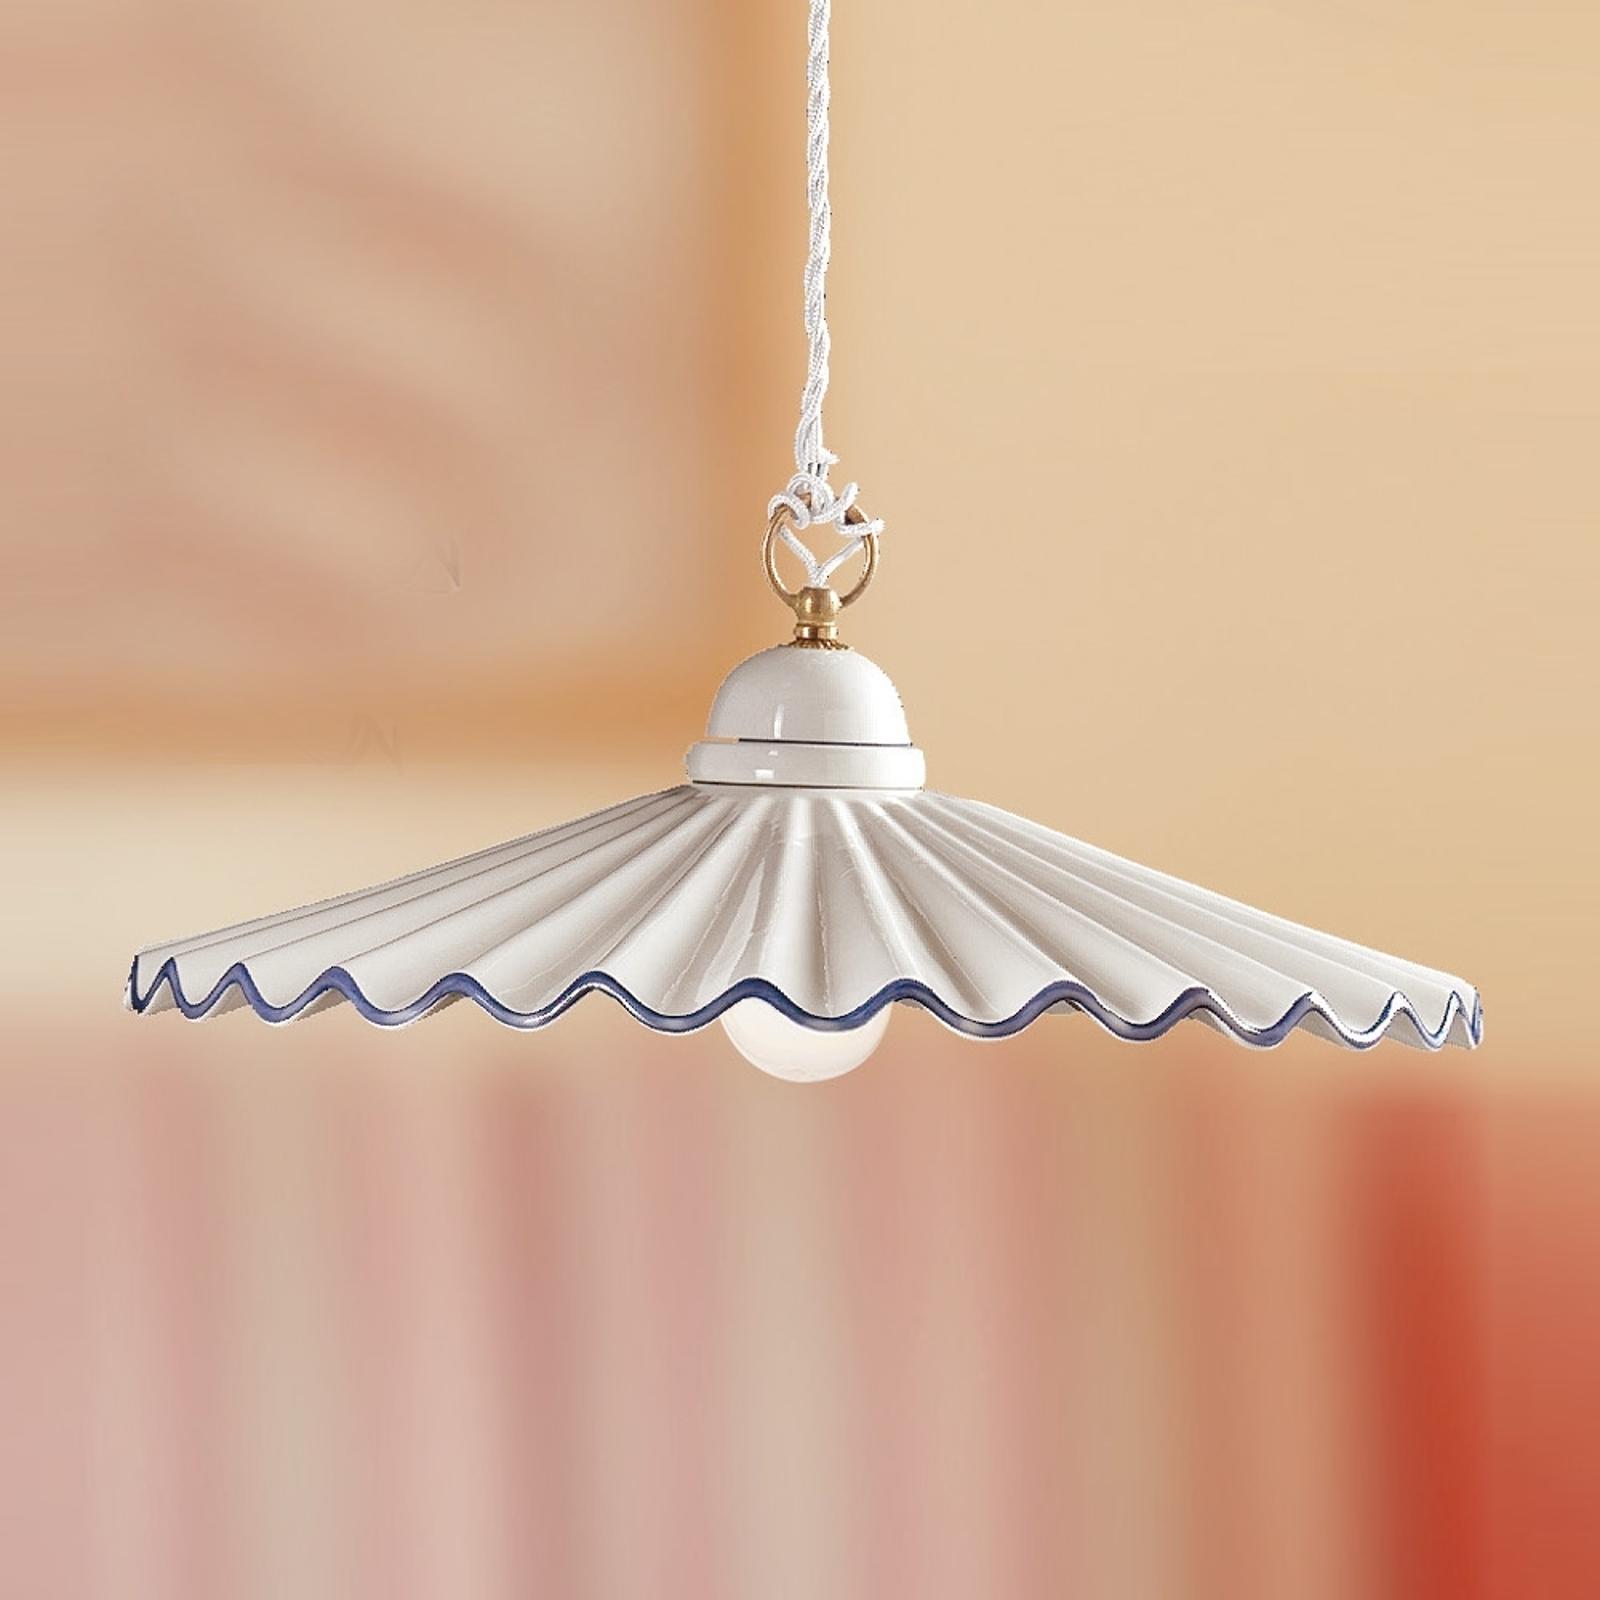 Závesná lampa PIEGHE v štýle vidieckeho domu_2013002_1